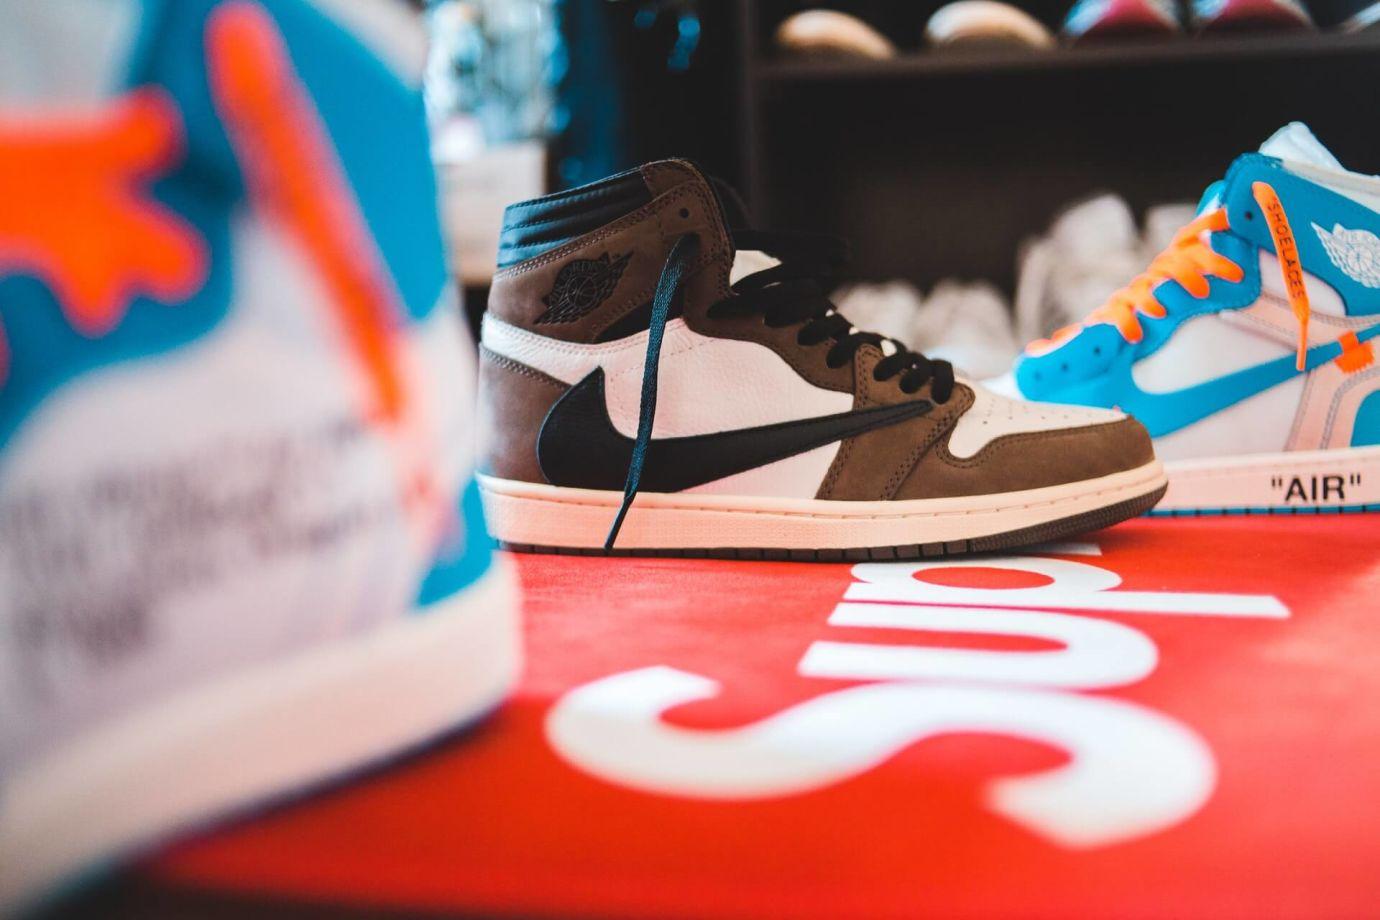 Wo bekommt man günstige Nike Schuhe?